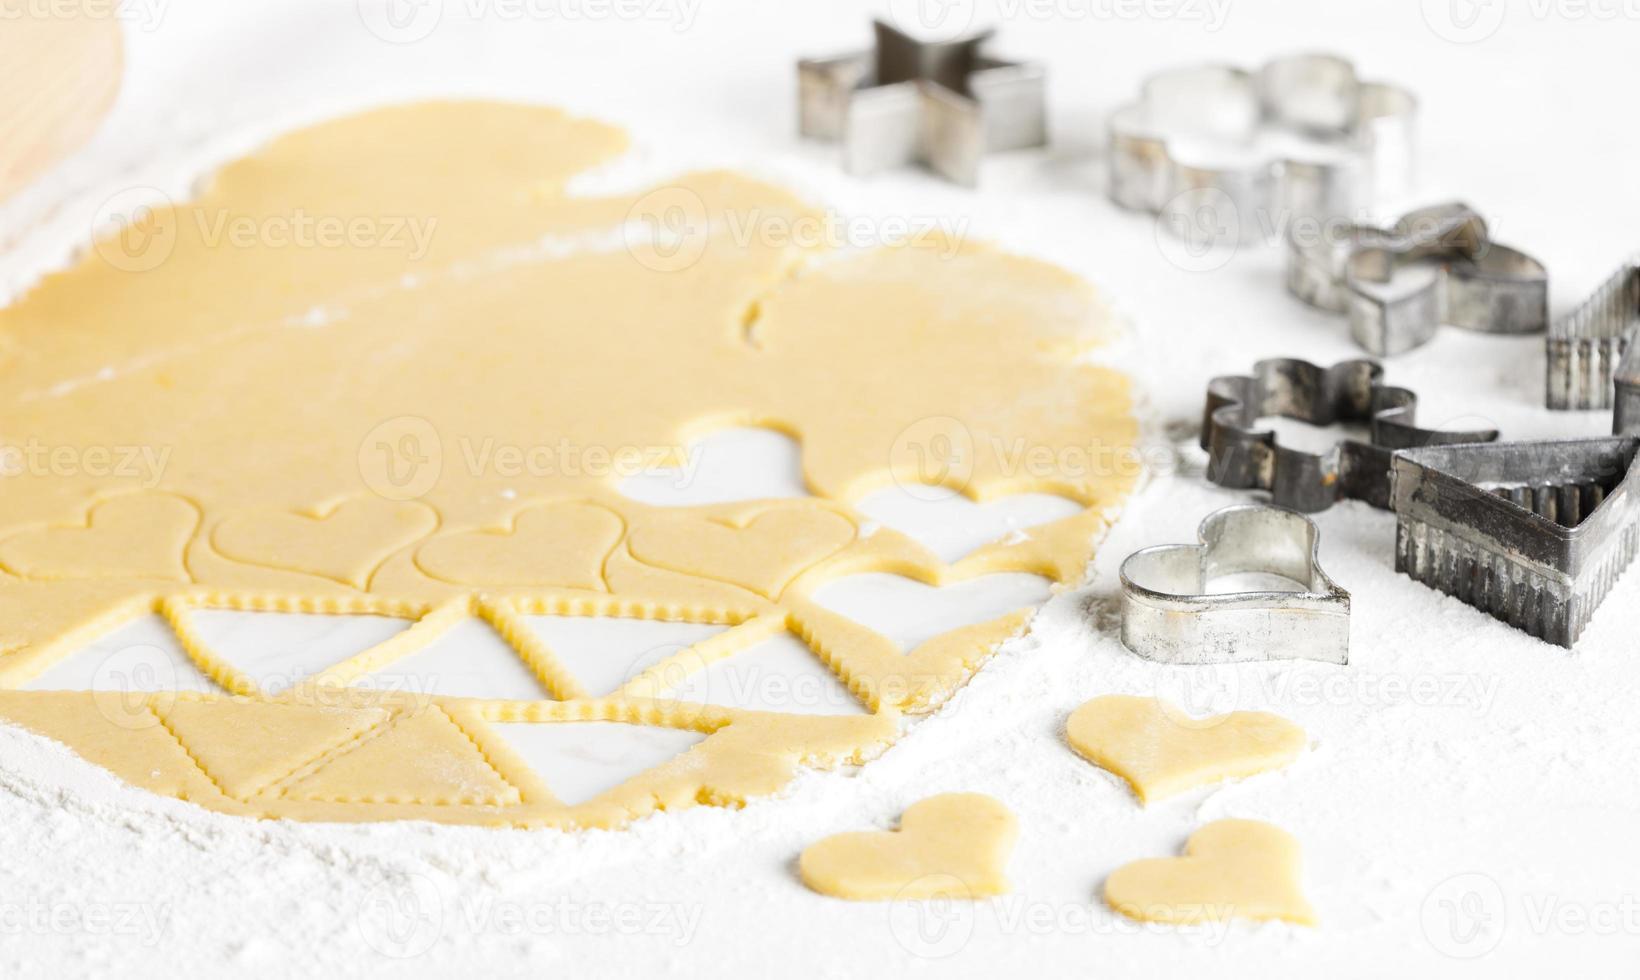 masa con cortadores de galletas foto